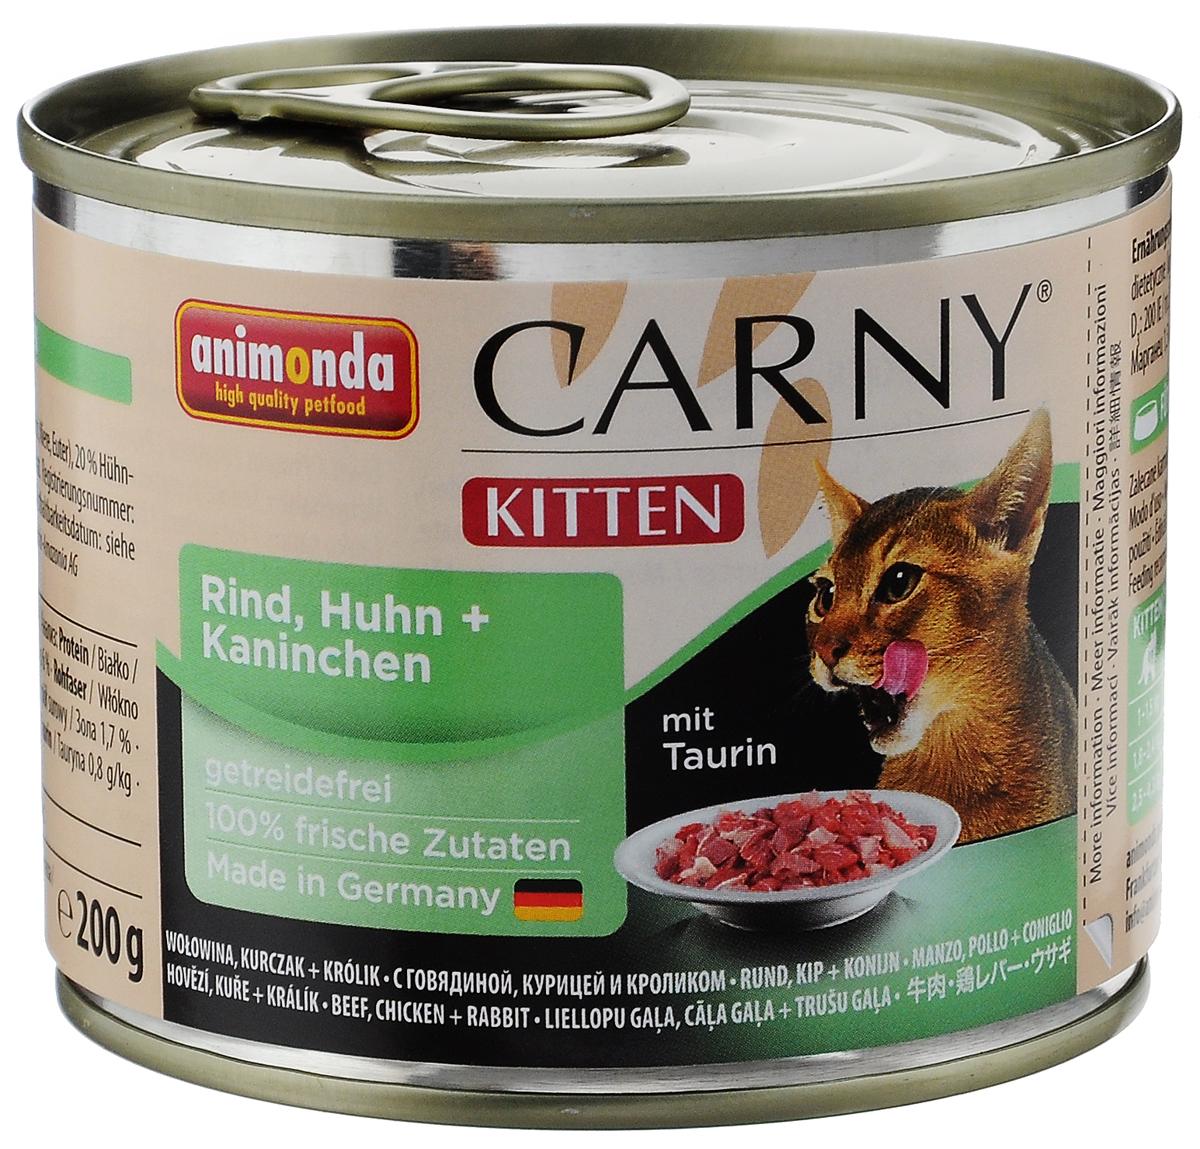 Консервы для котят Animonda Carny, с курицей, говядиной и кроликом, 200 г47146_новый дизайнКонсервы Animonda Carny - это качественный полноценный мясной обед. Приготовлен из исключительно отборного и высококачественного мяса. Не содержит сои, искусственных красителей, консервантов, генетически модифицированных продуктов. Имеет тот естественный, настоящий и типичный вкус мяса, который кошки любят больше всего. Добавки на 1 кг: витамин D3 200 IE, E2 0,2 мг, Е5 1,5 мг, Е6 10 мг, йод 0,2 мг, марганец 1,5 мг, цинк 10 мг. Анализ: белок 11%, жир 6%, сырая клетчатка 0,3%, зола 1,7%, влажность 80%, таурин 0,8 г/кг. Товар сертифицирован.